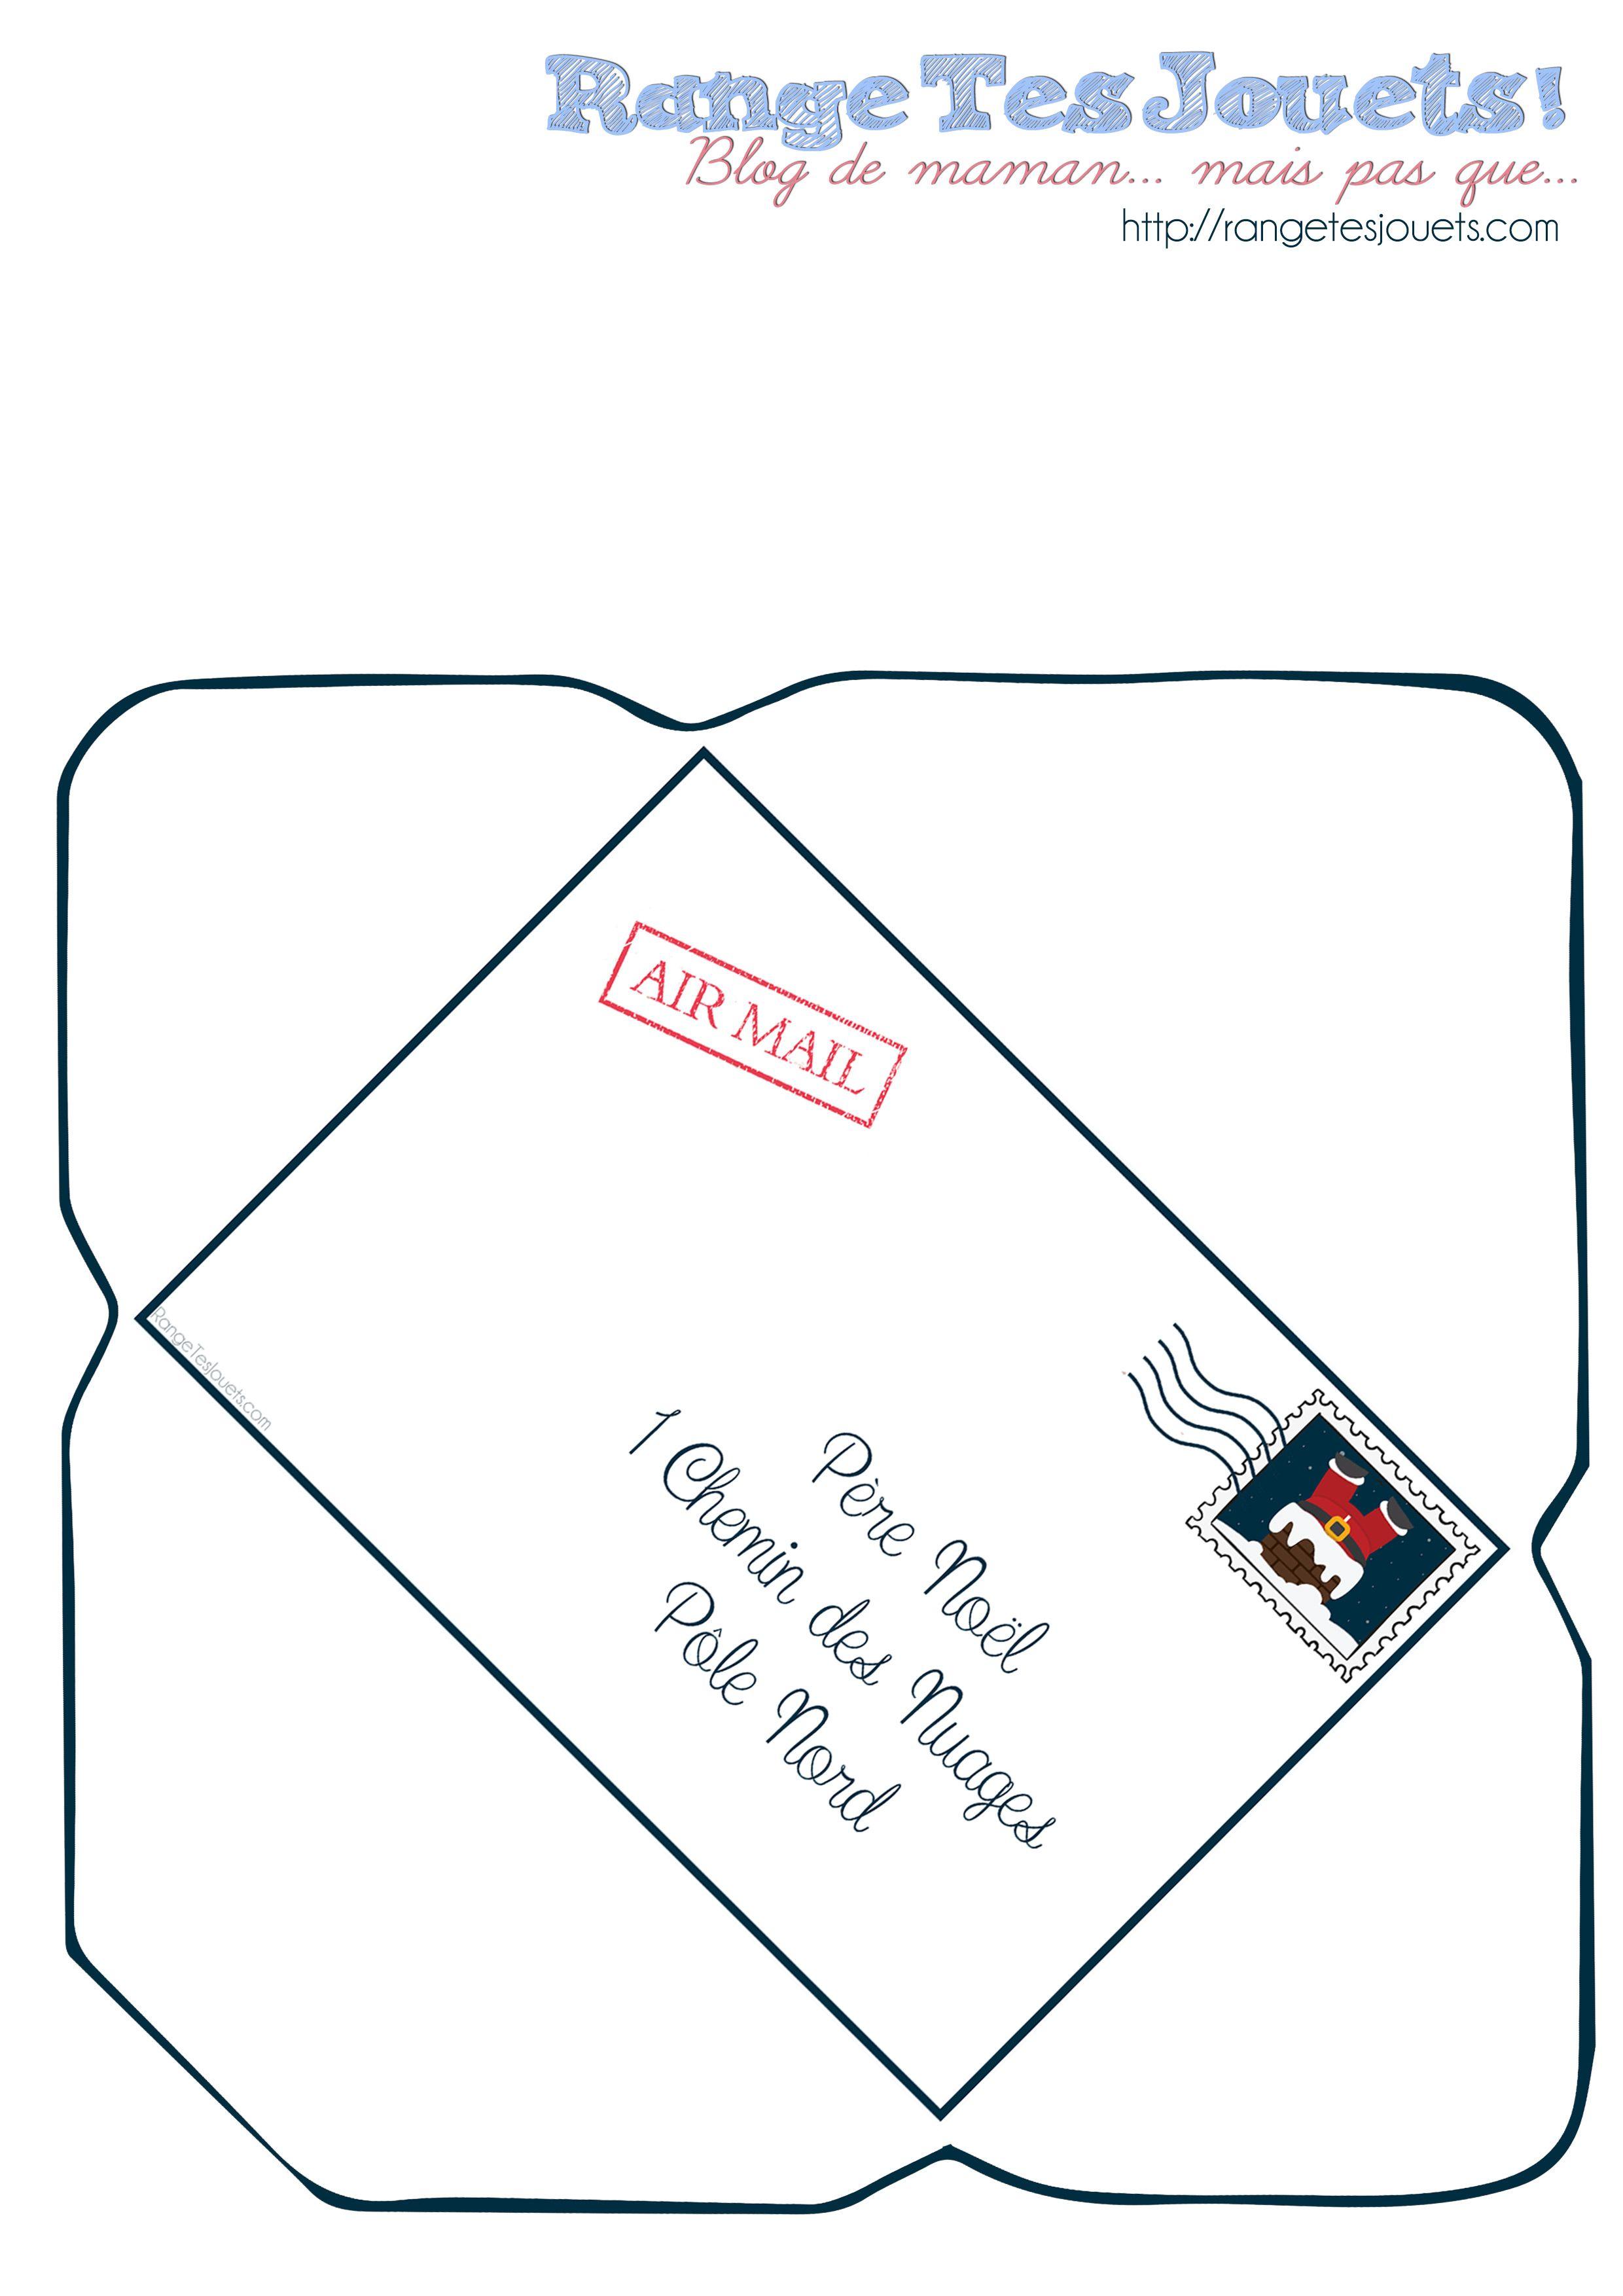 Comment Ecrire La Lettre Au Pere Noel.Cher Pere Noel Printable Noel Lettre Pere Noel Noel